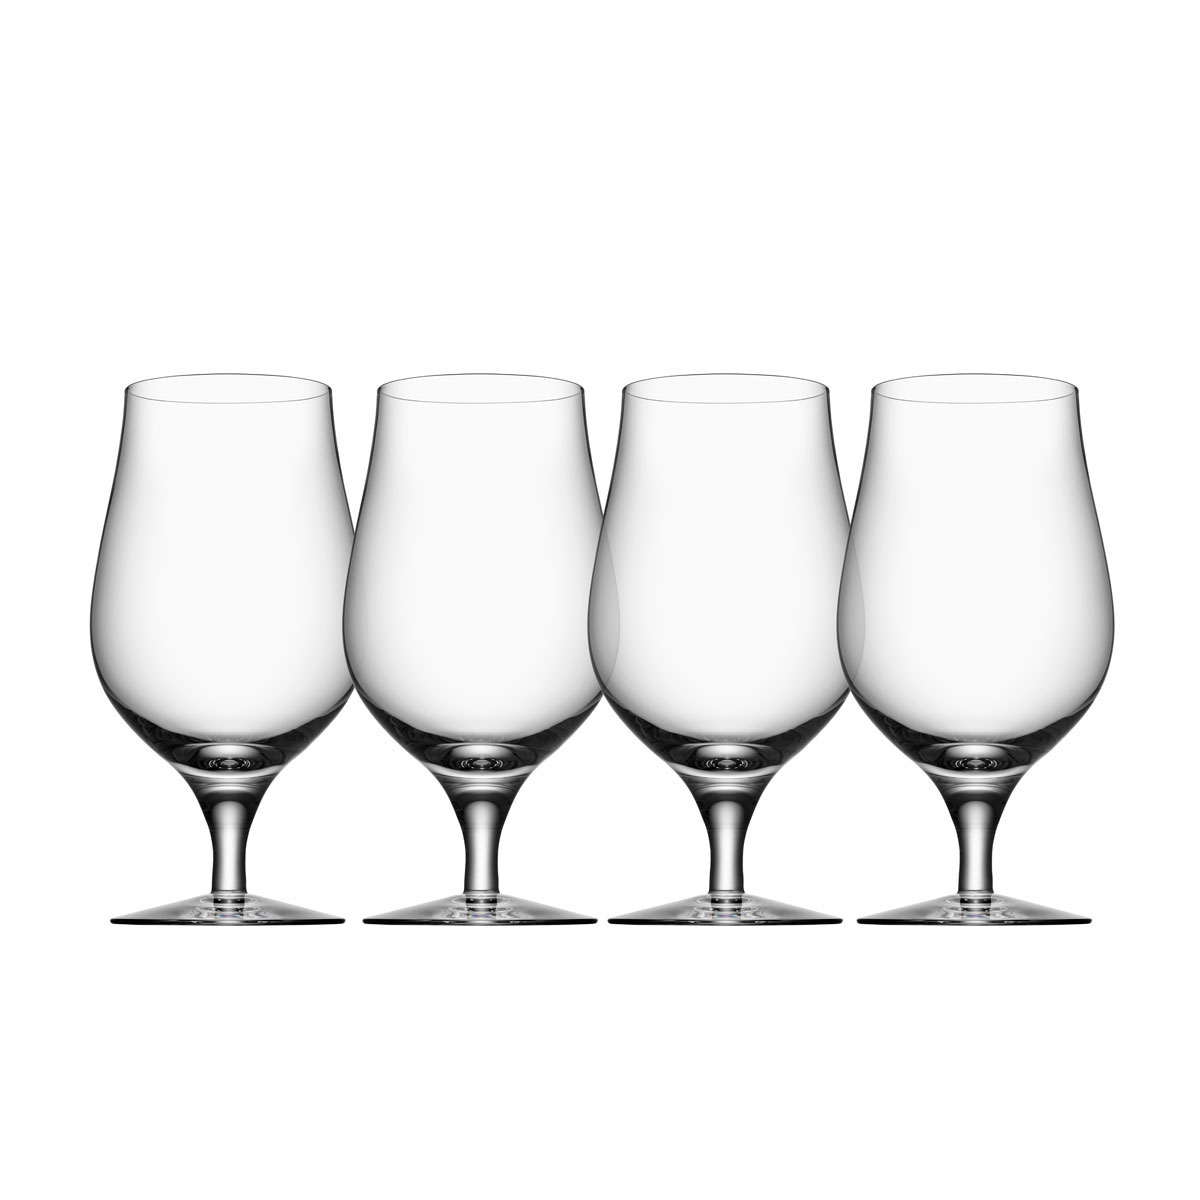 Orrefors Crystal, Crystal Beer Taster, Set of Four